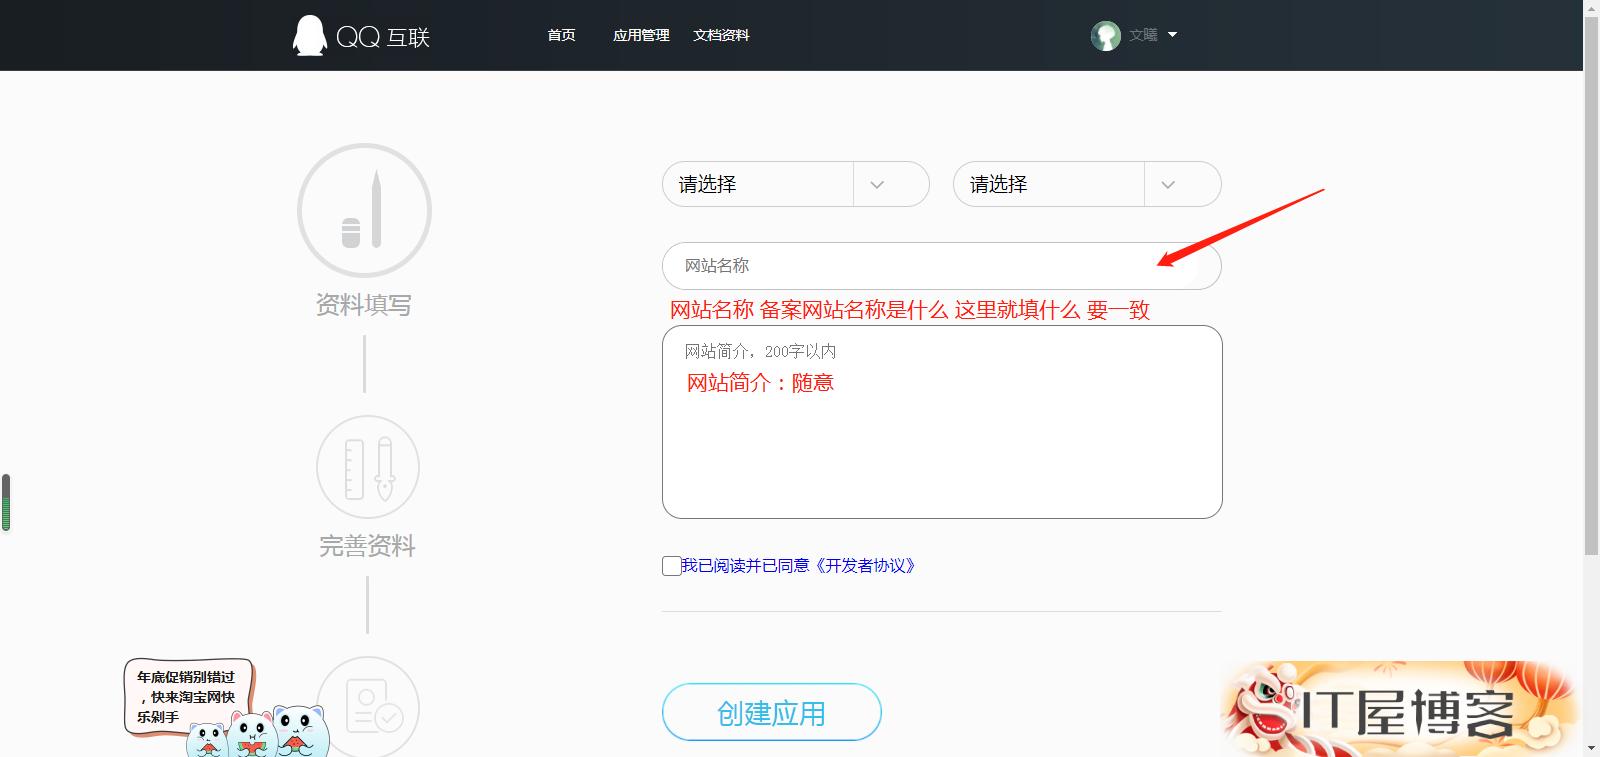 申请成为QQ互联个人开发者步骤(注意事项)【2021最新】  申请成为QQ互联 第6张